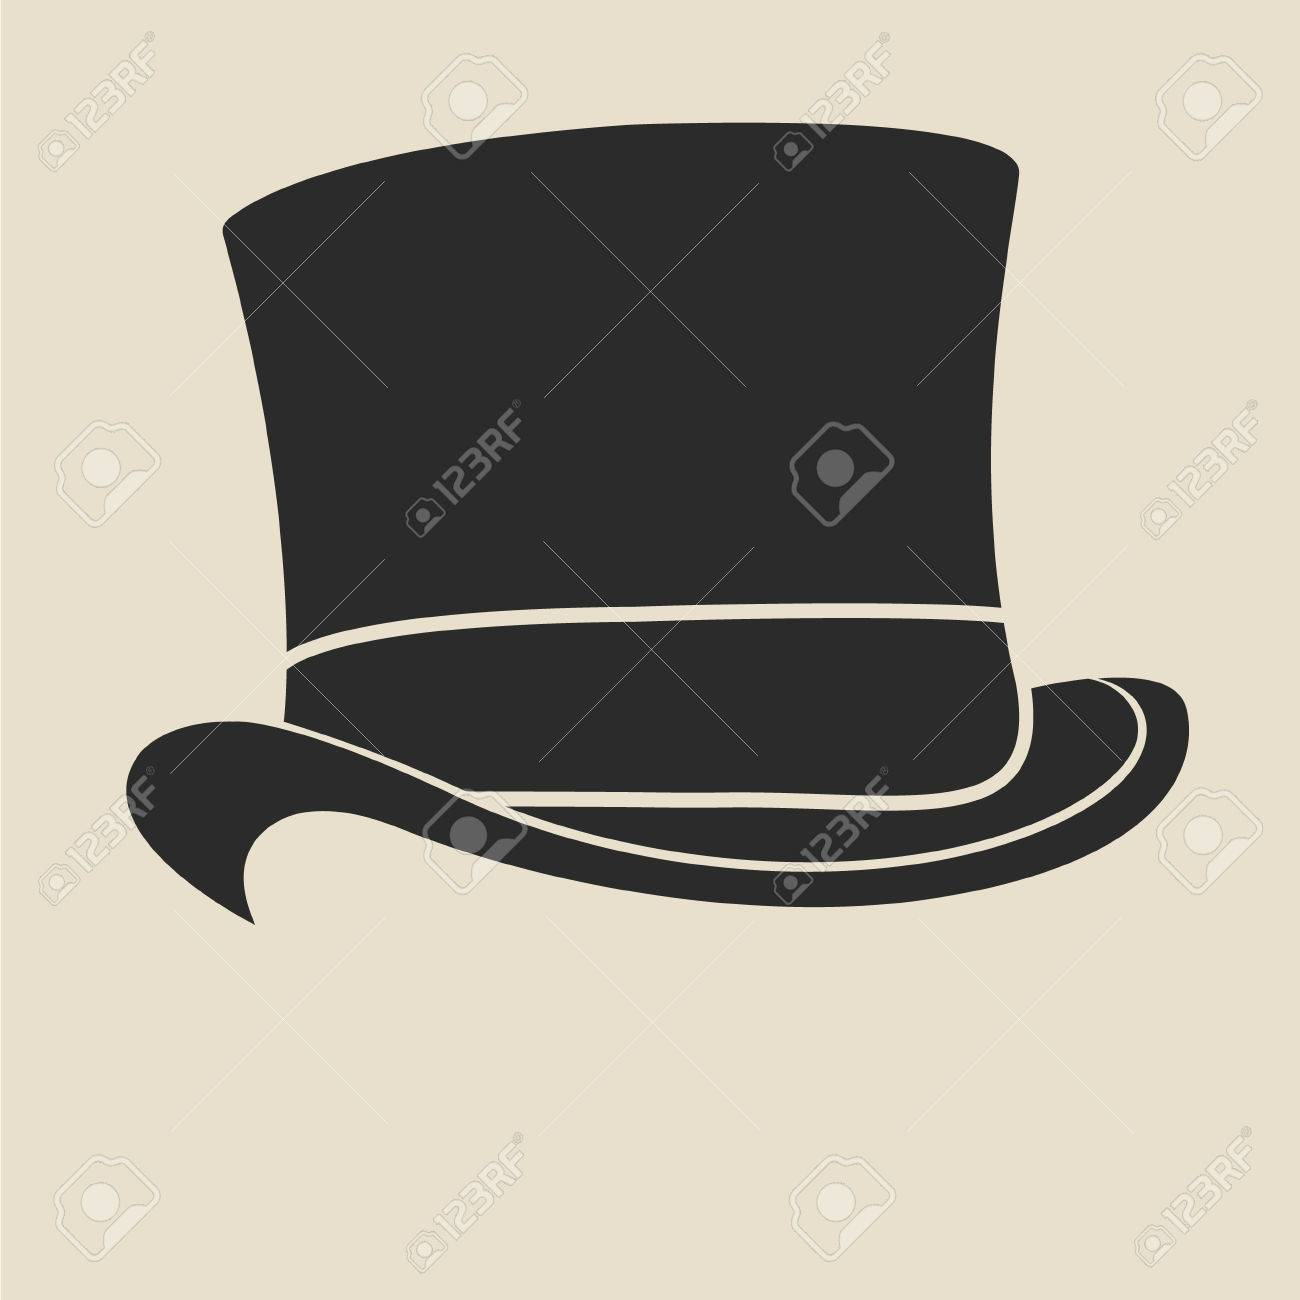 vintage man s top hat label design template for label banner